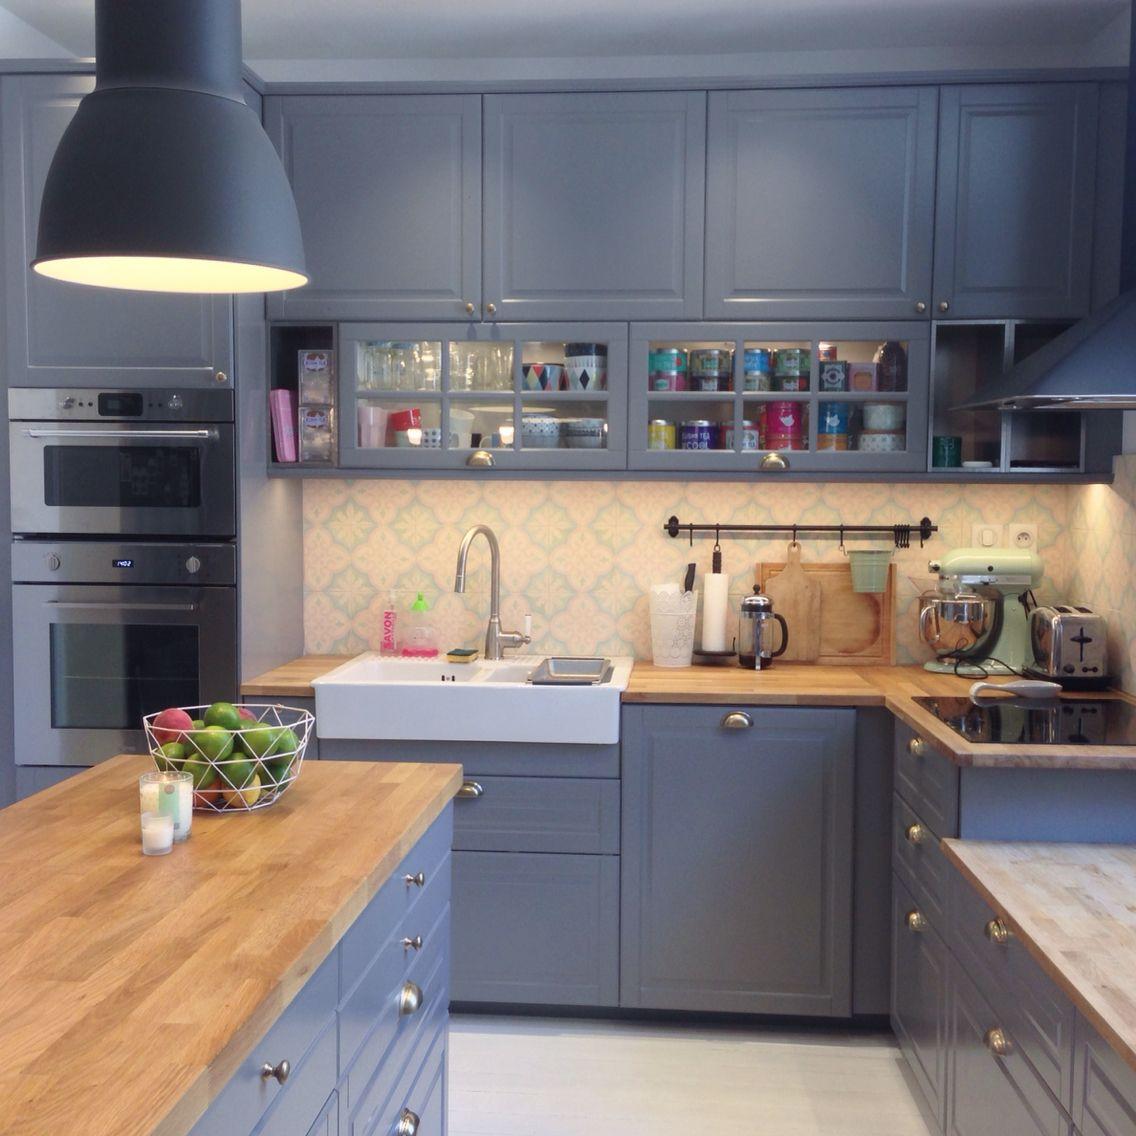 Nouvelle Cuisine Ikea Bodbyn Gris Metod Tendance Scandinave Carreaux De Ciment Bois Mur Craie Domsjo Kitchen Remodel Kitchen Remodel Small Kitchen Design